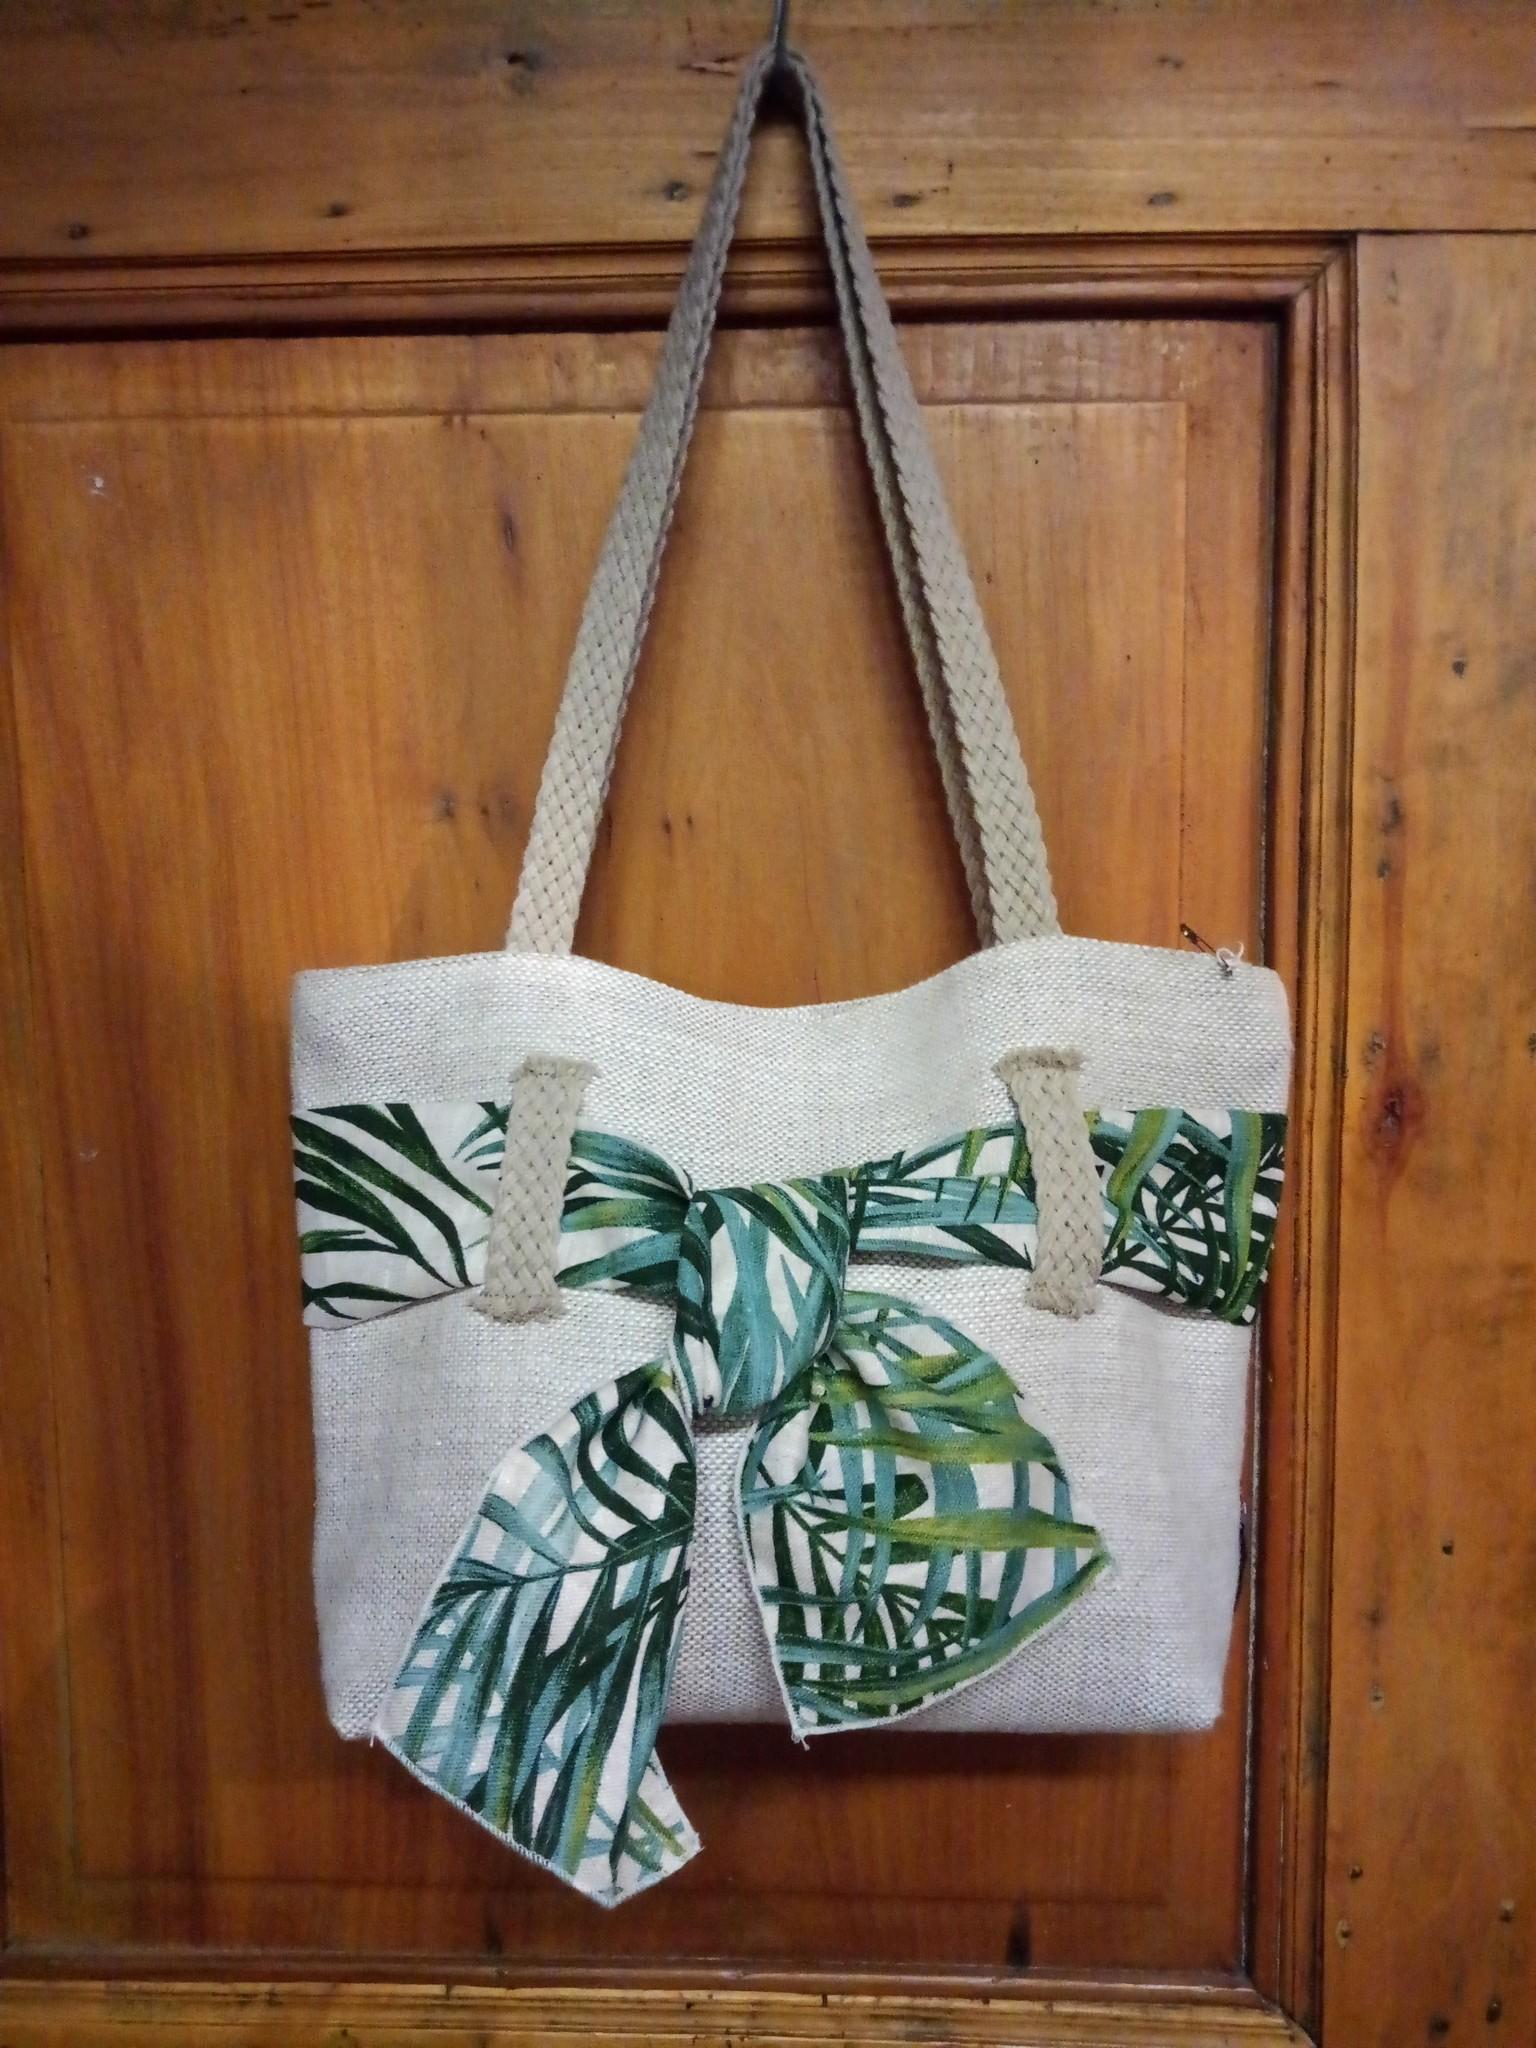 Le grenier du lin Handtas in linnen knoop palmboom motief.